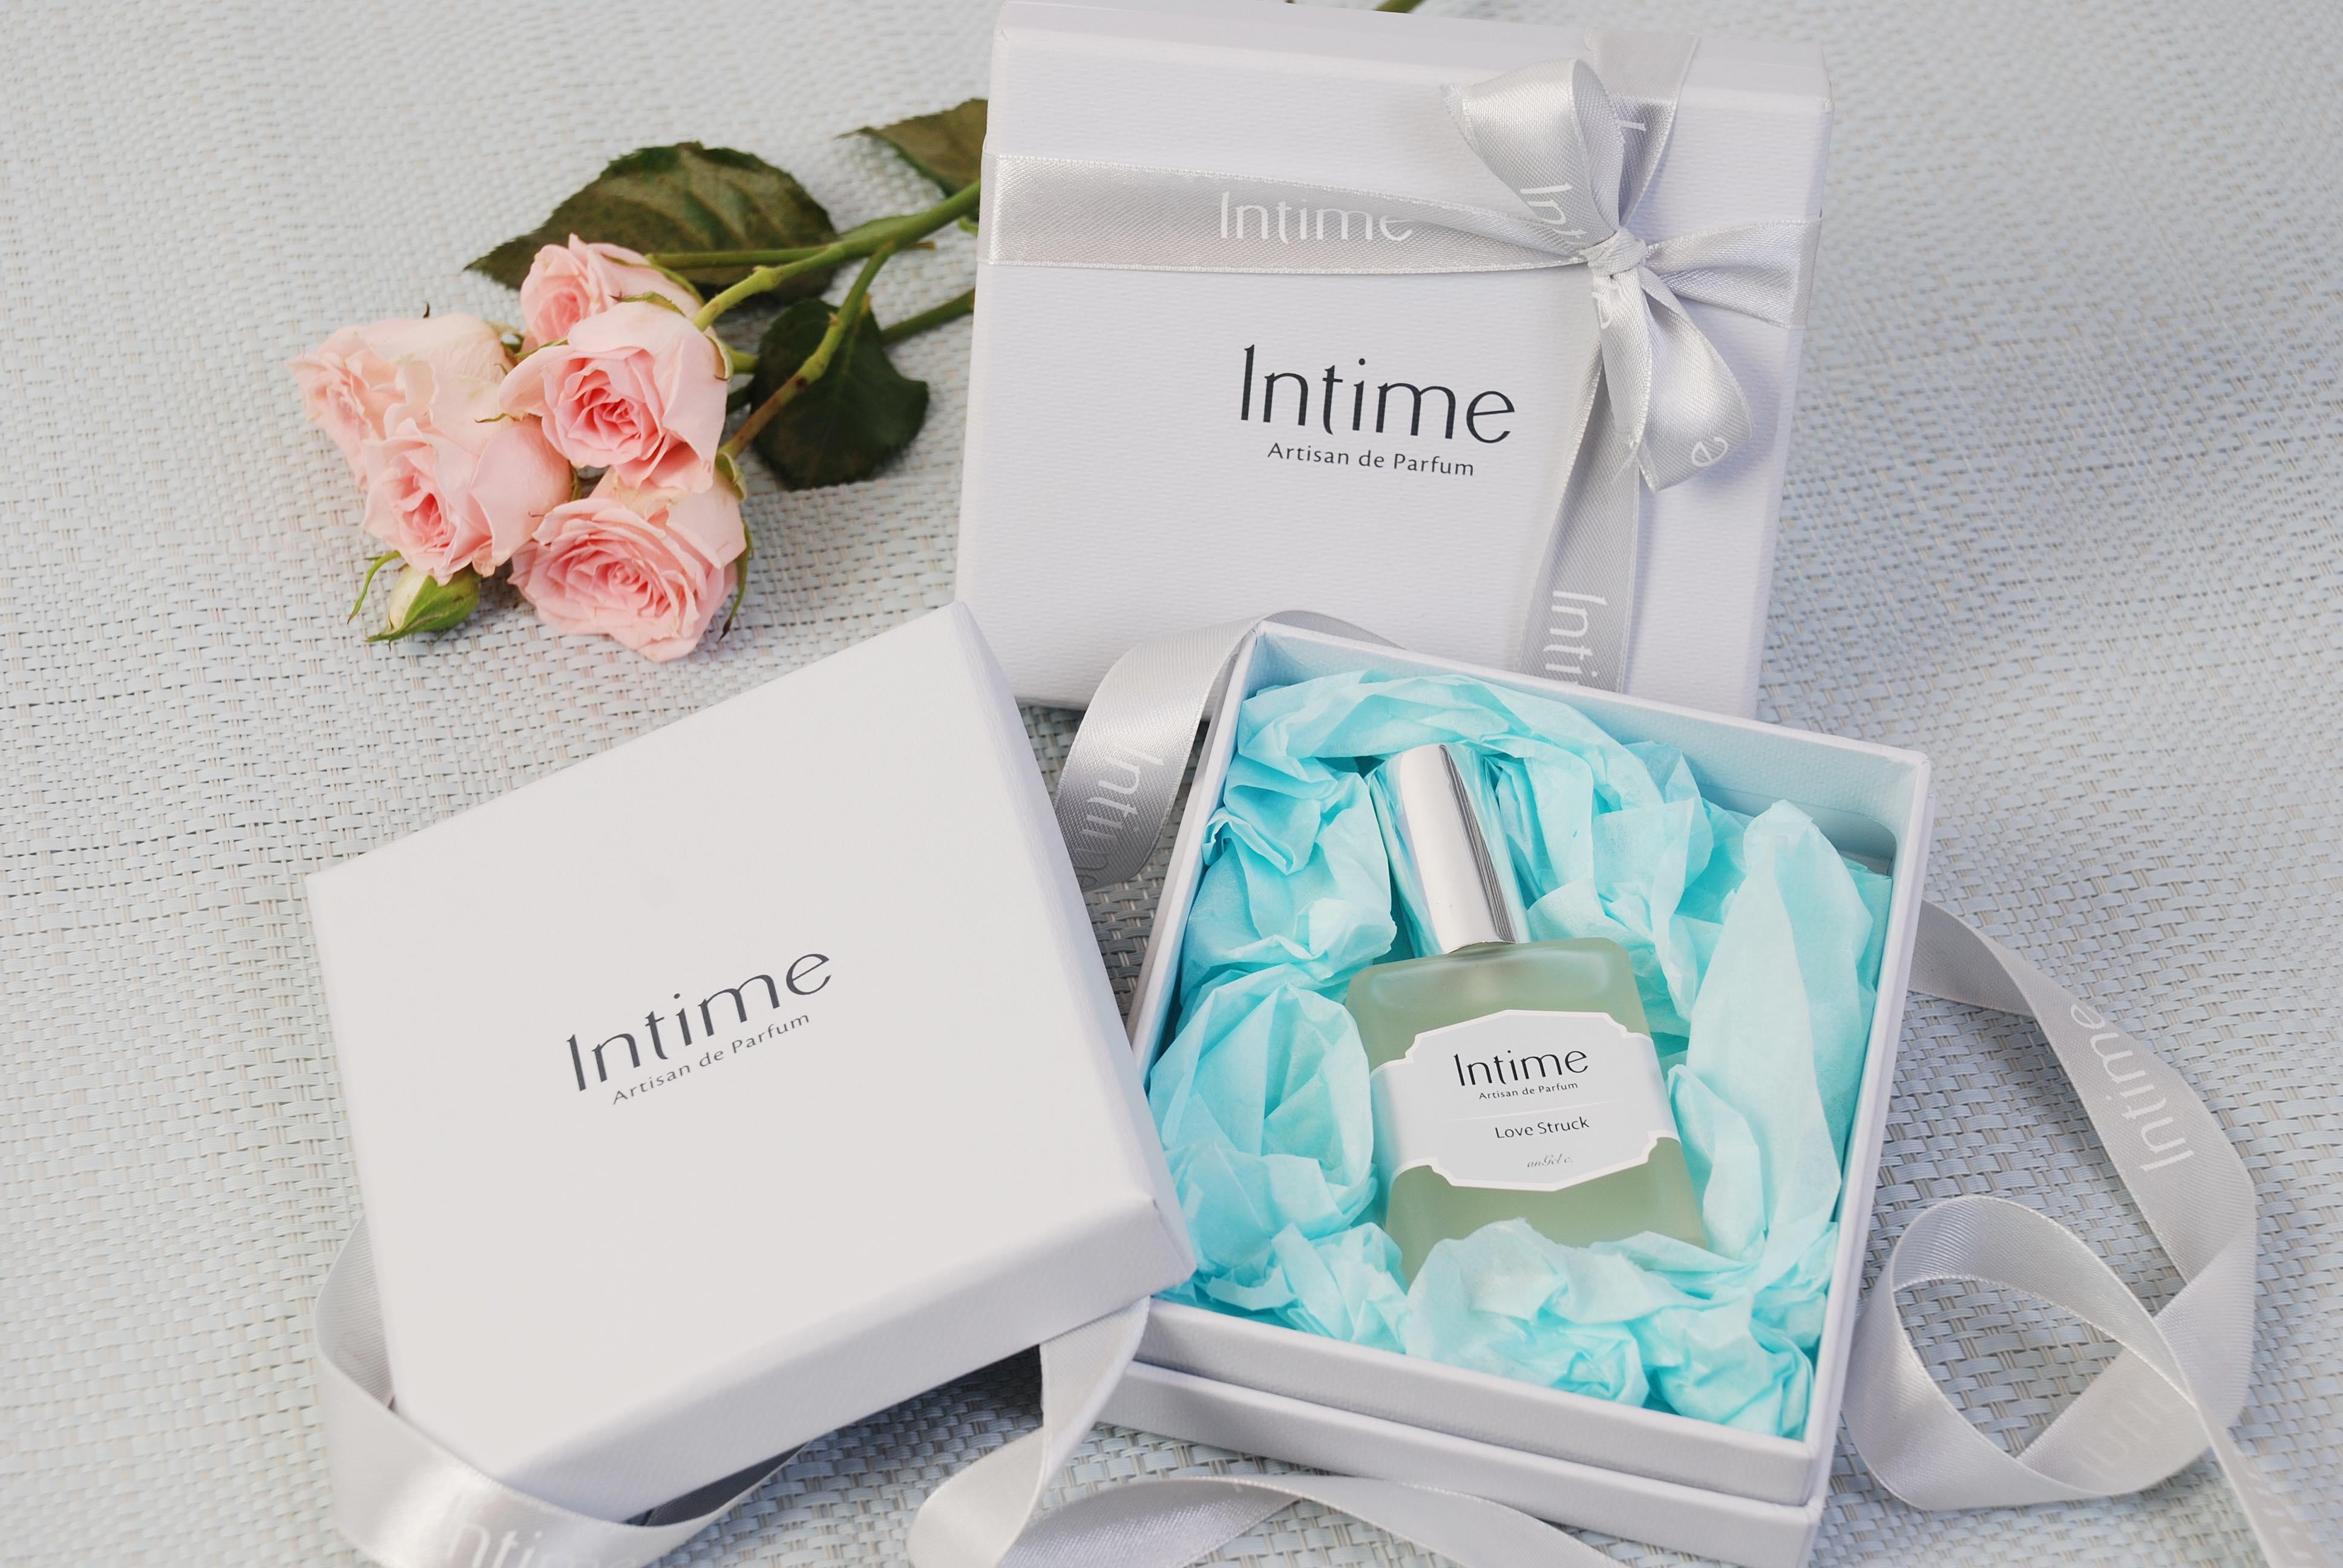 Intime Artisan de Parfum